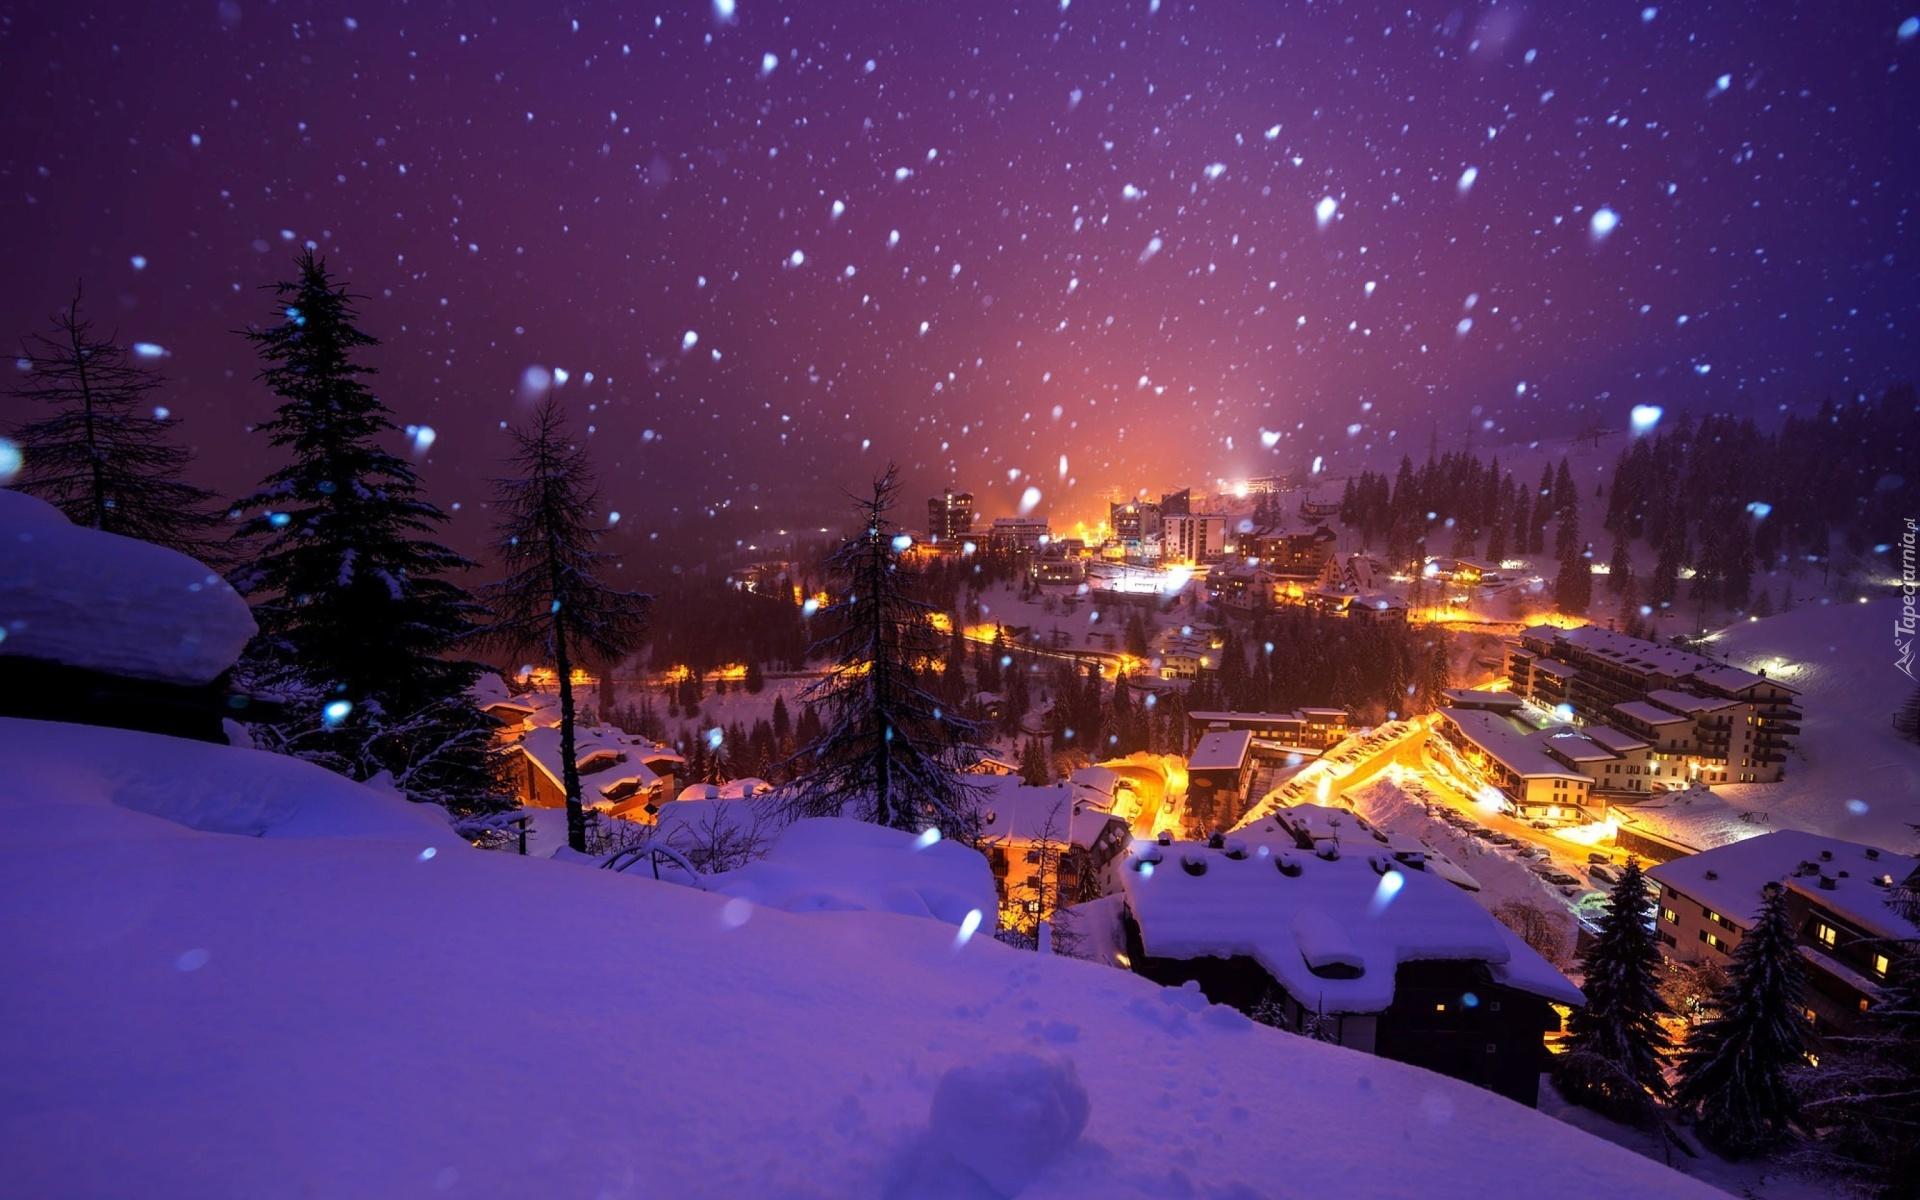 Zima nieg noc miasto for Sfondi invernali hd